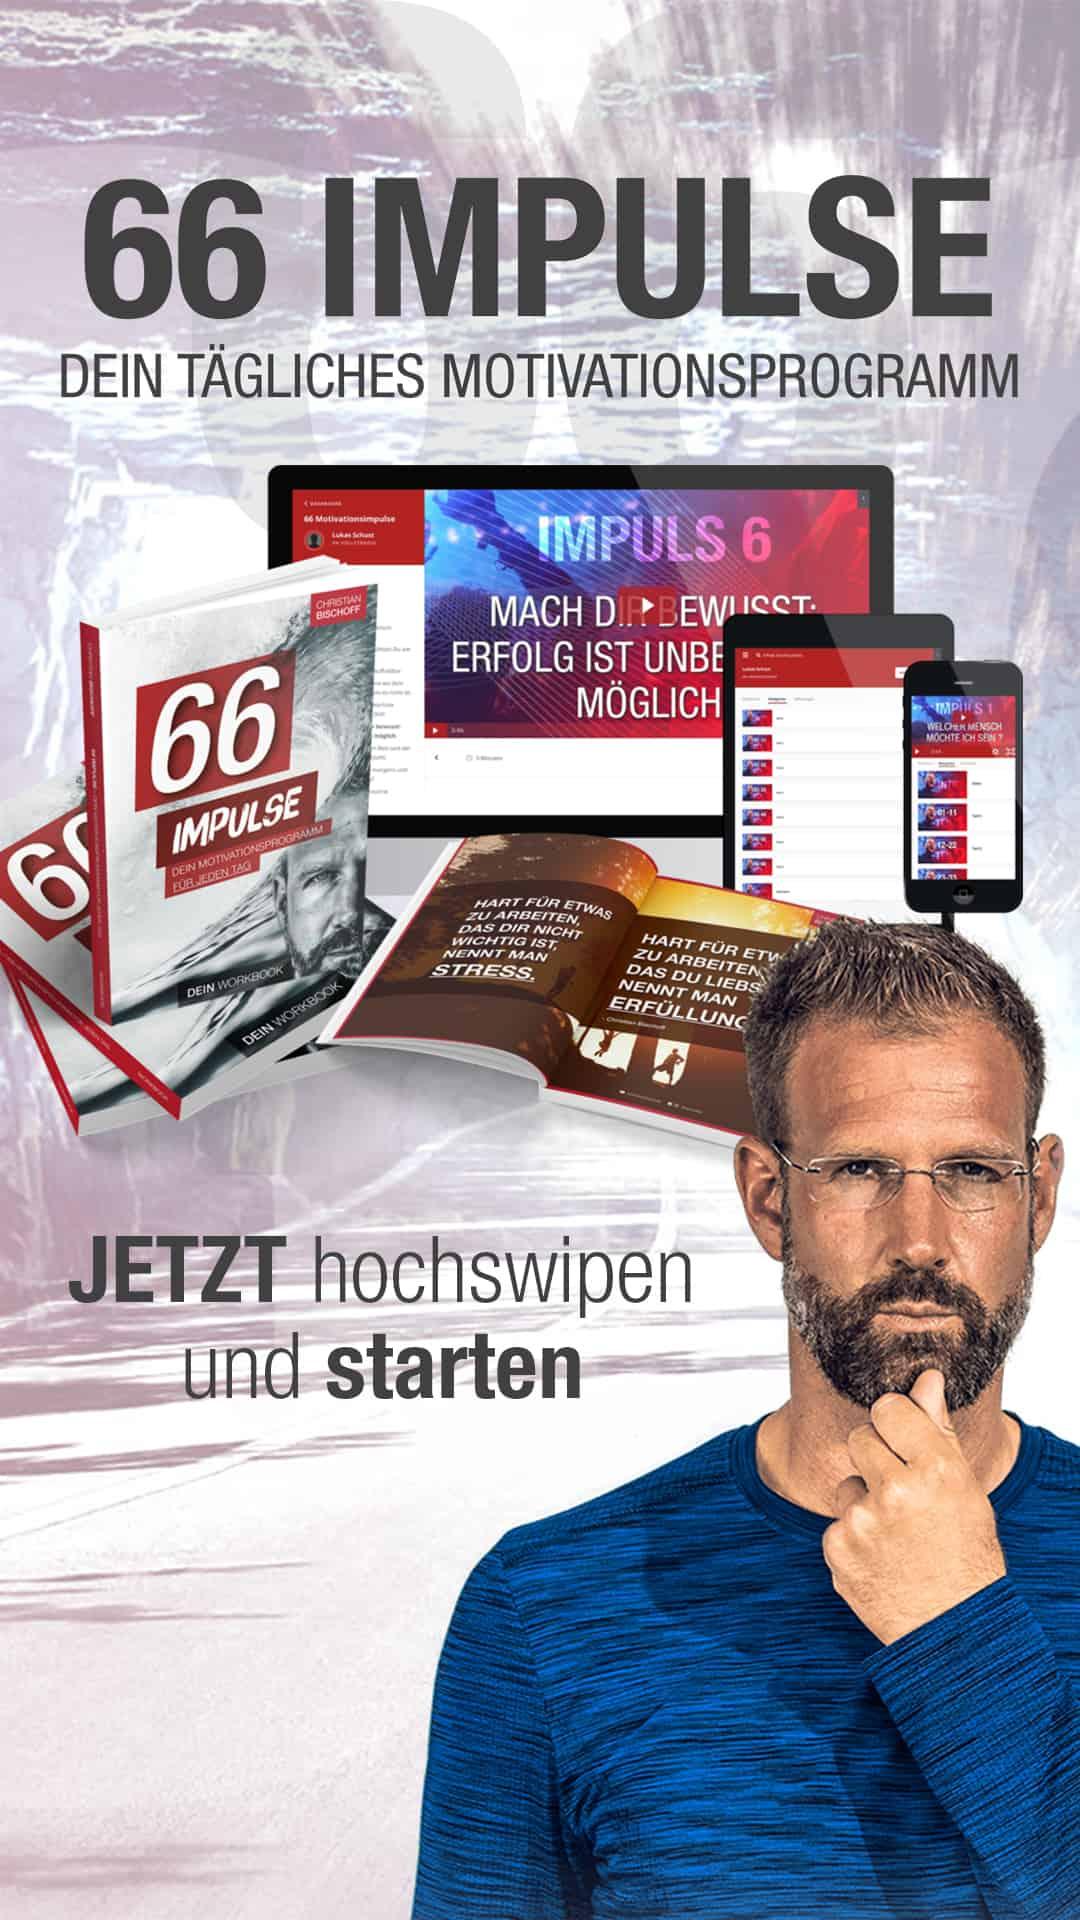 2020-03-31-66-impulse-werbemittel-grafiken-v001-social-media-story-1080x1920-1080x1920-003